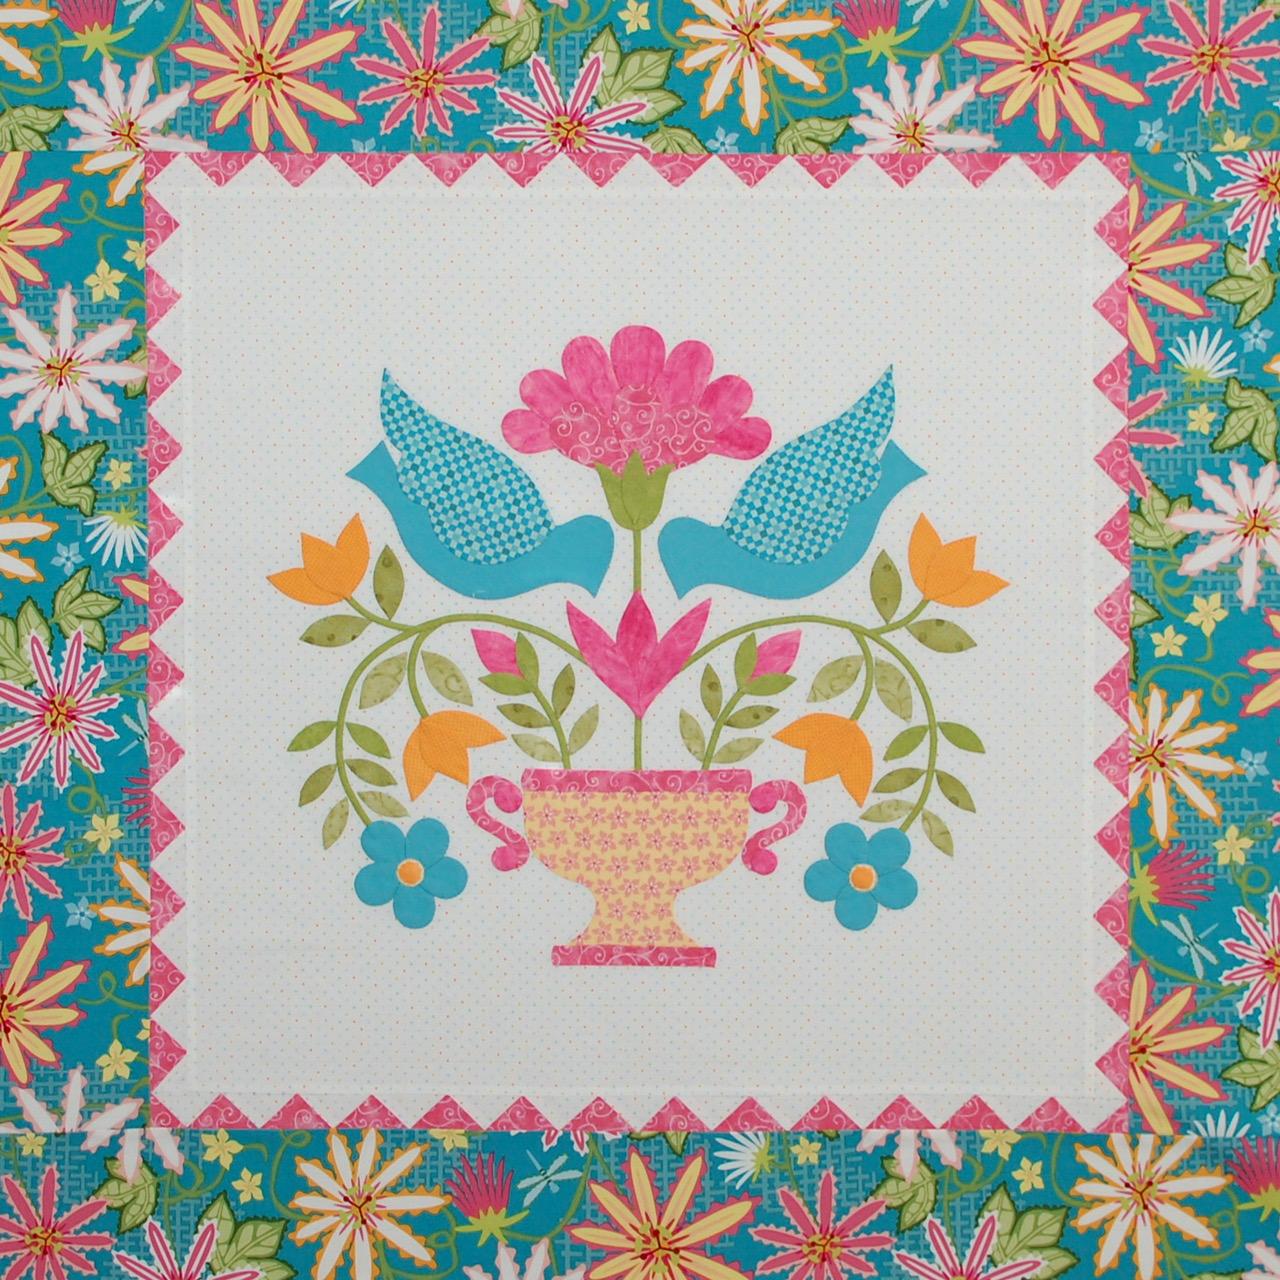 i-love-applique-the-stitch-title